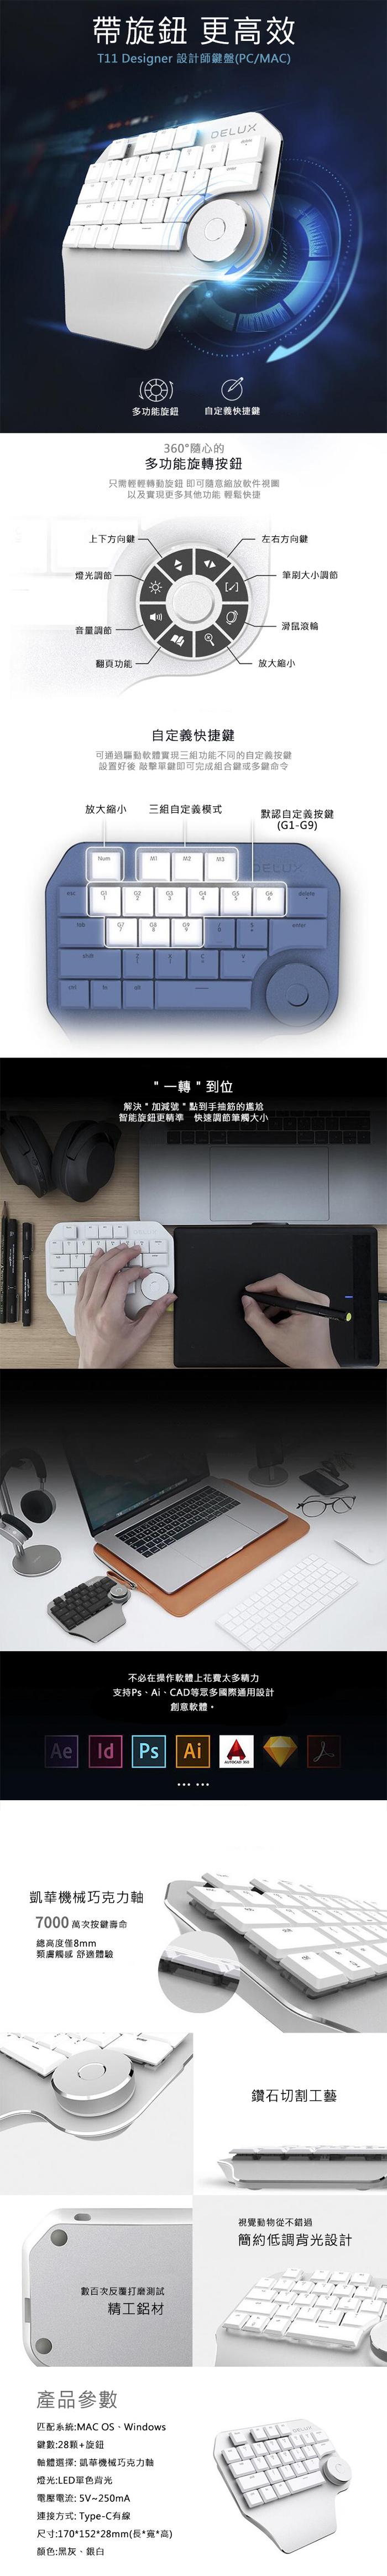 (複製)NILLKIN 纖逸多功能電腦包(橫款)(16吋)